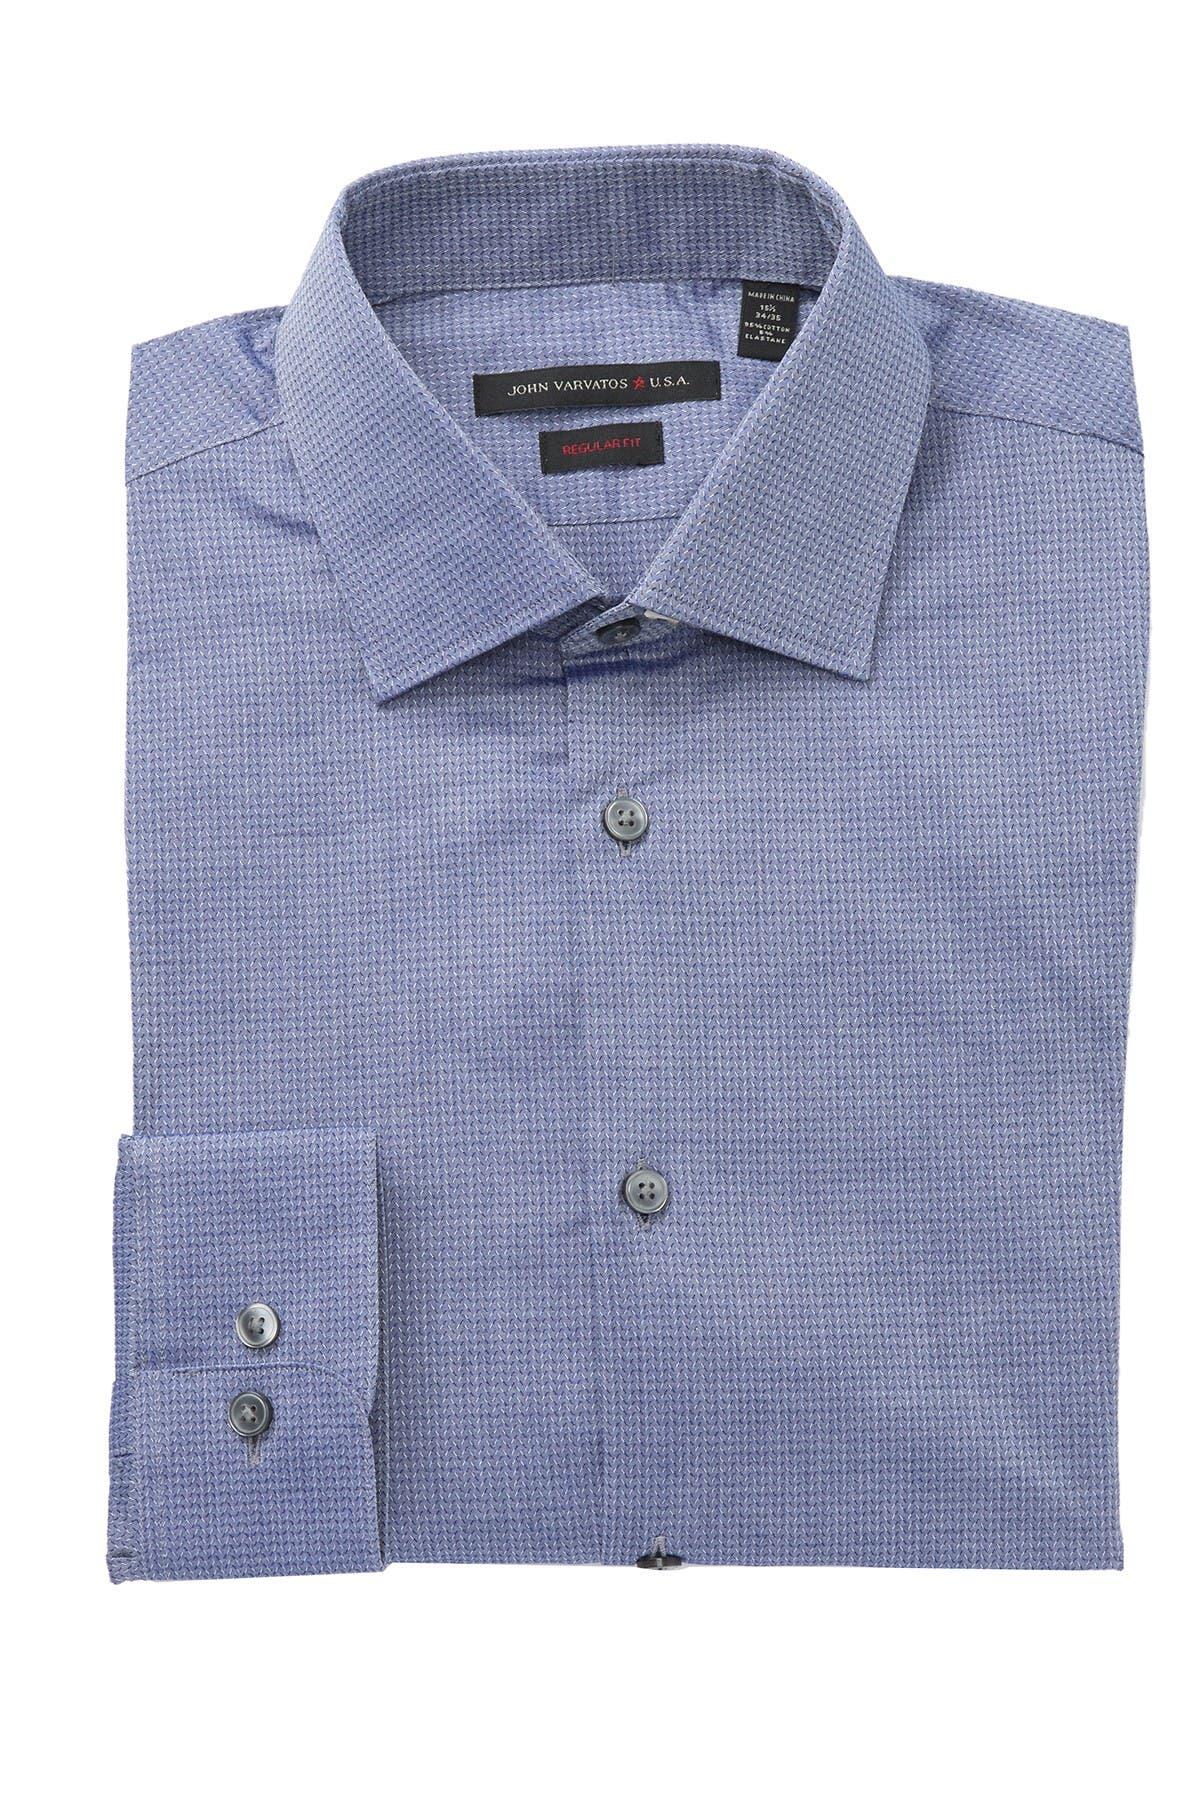 Image of John Varvatos Star USA Geo Print Regular Print Dress Shirt